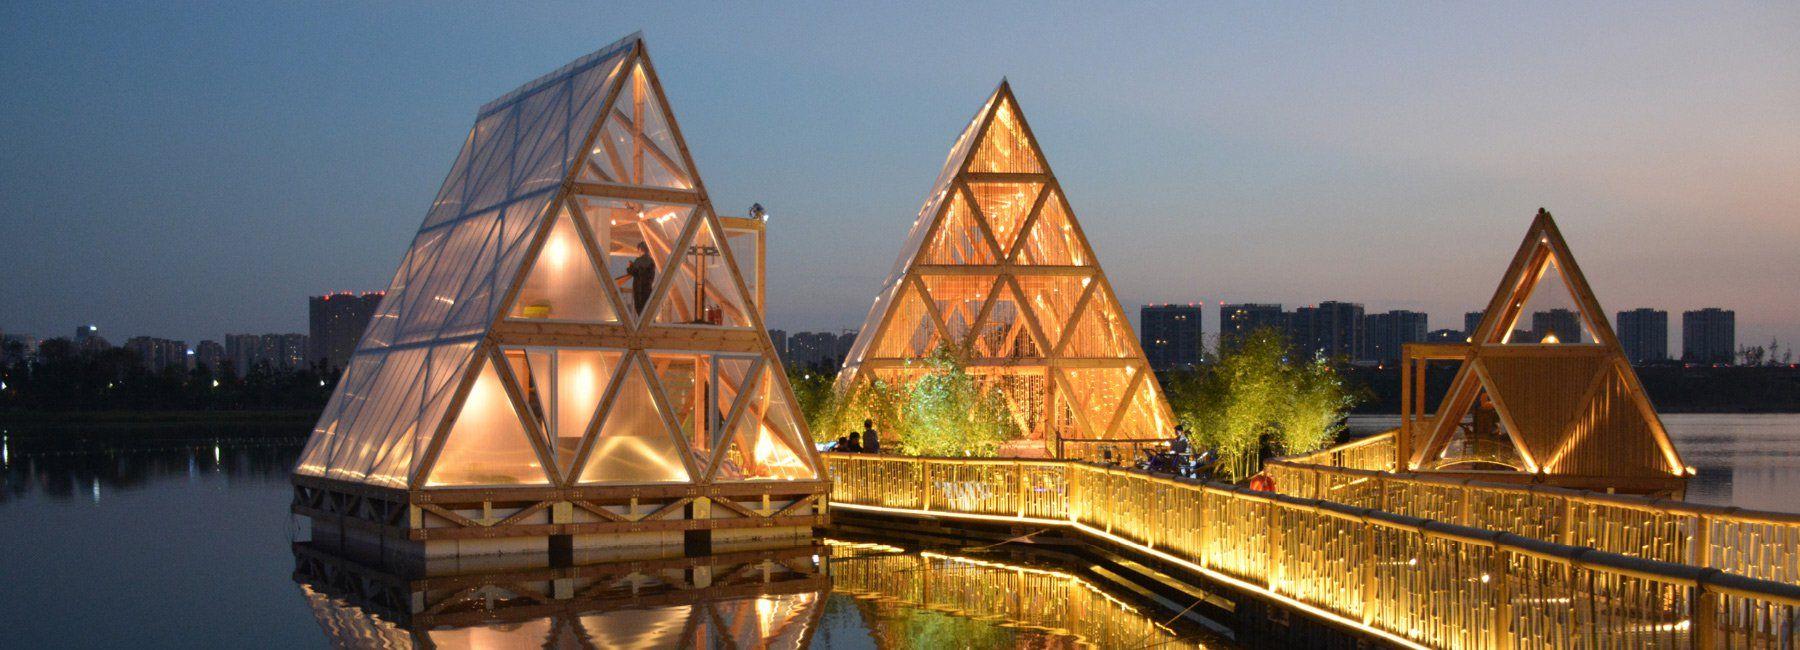 La version IIIx3 de la MFS, à Chengdu en Chine © NLÉ